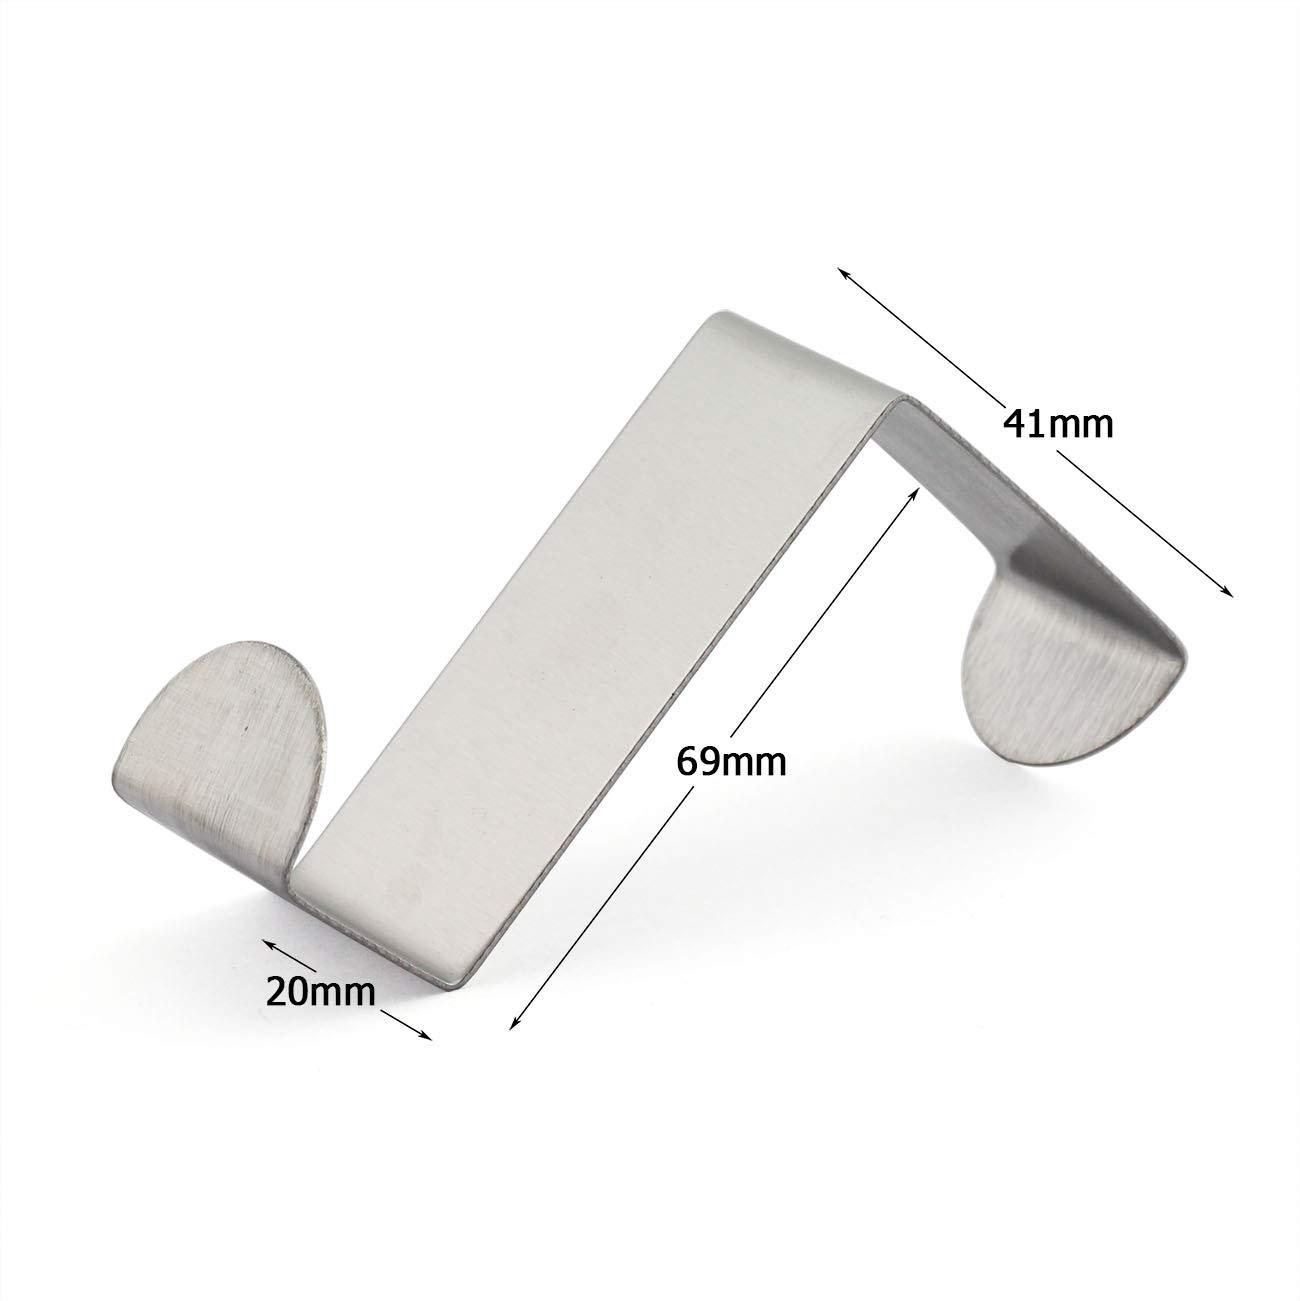 Amazon.com: JCBIZ - Ganchos de acero inoxidable sin costuras ...